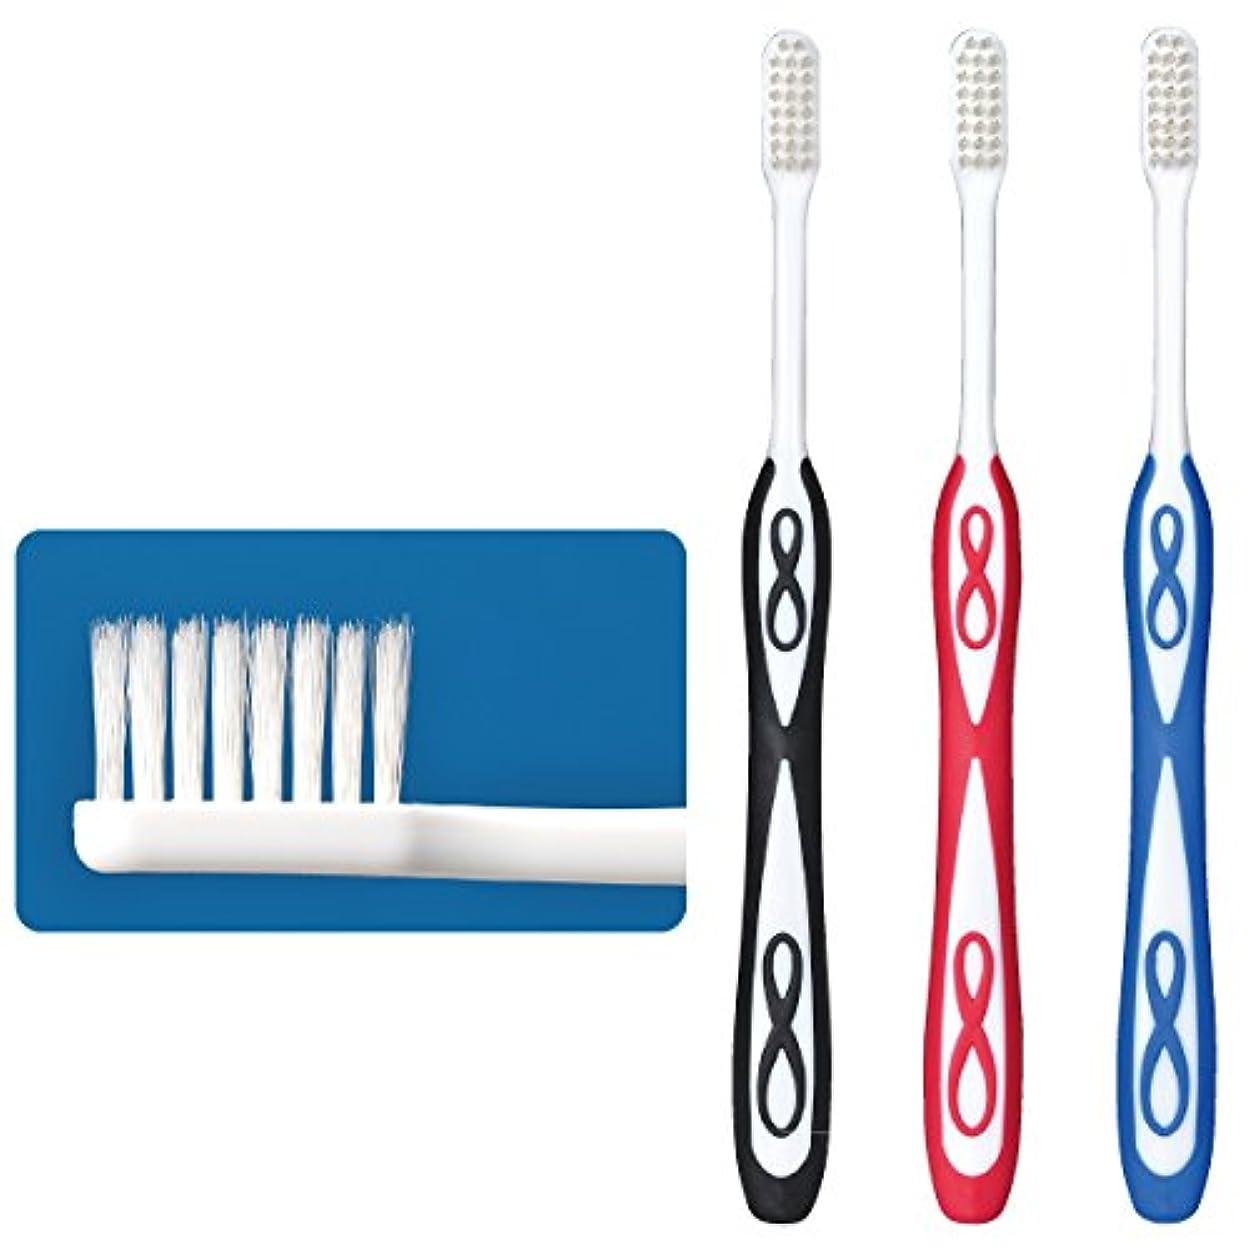 ドループかかわらず聖歌Lover8(ラバーエイト)歯ブラシ レギュラータイプ オールテーパー毛 Mふつう 3本入